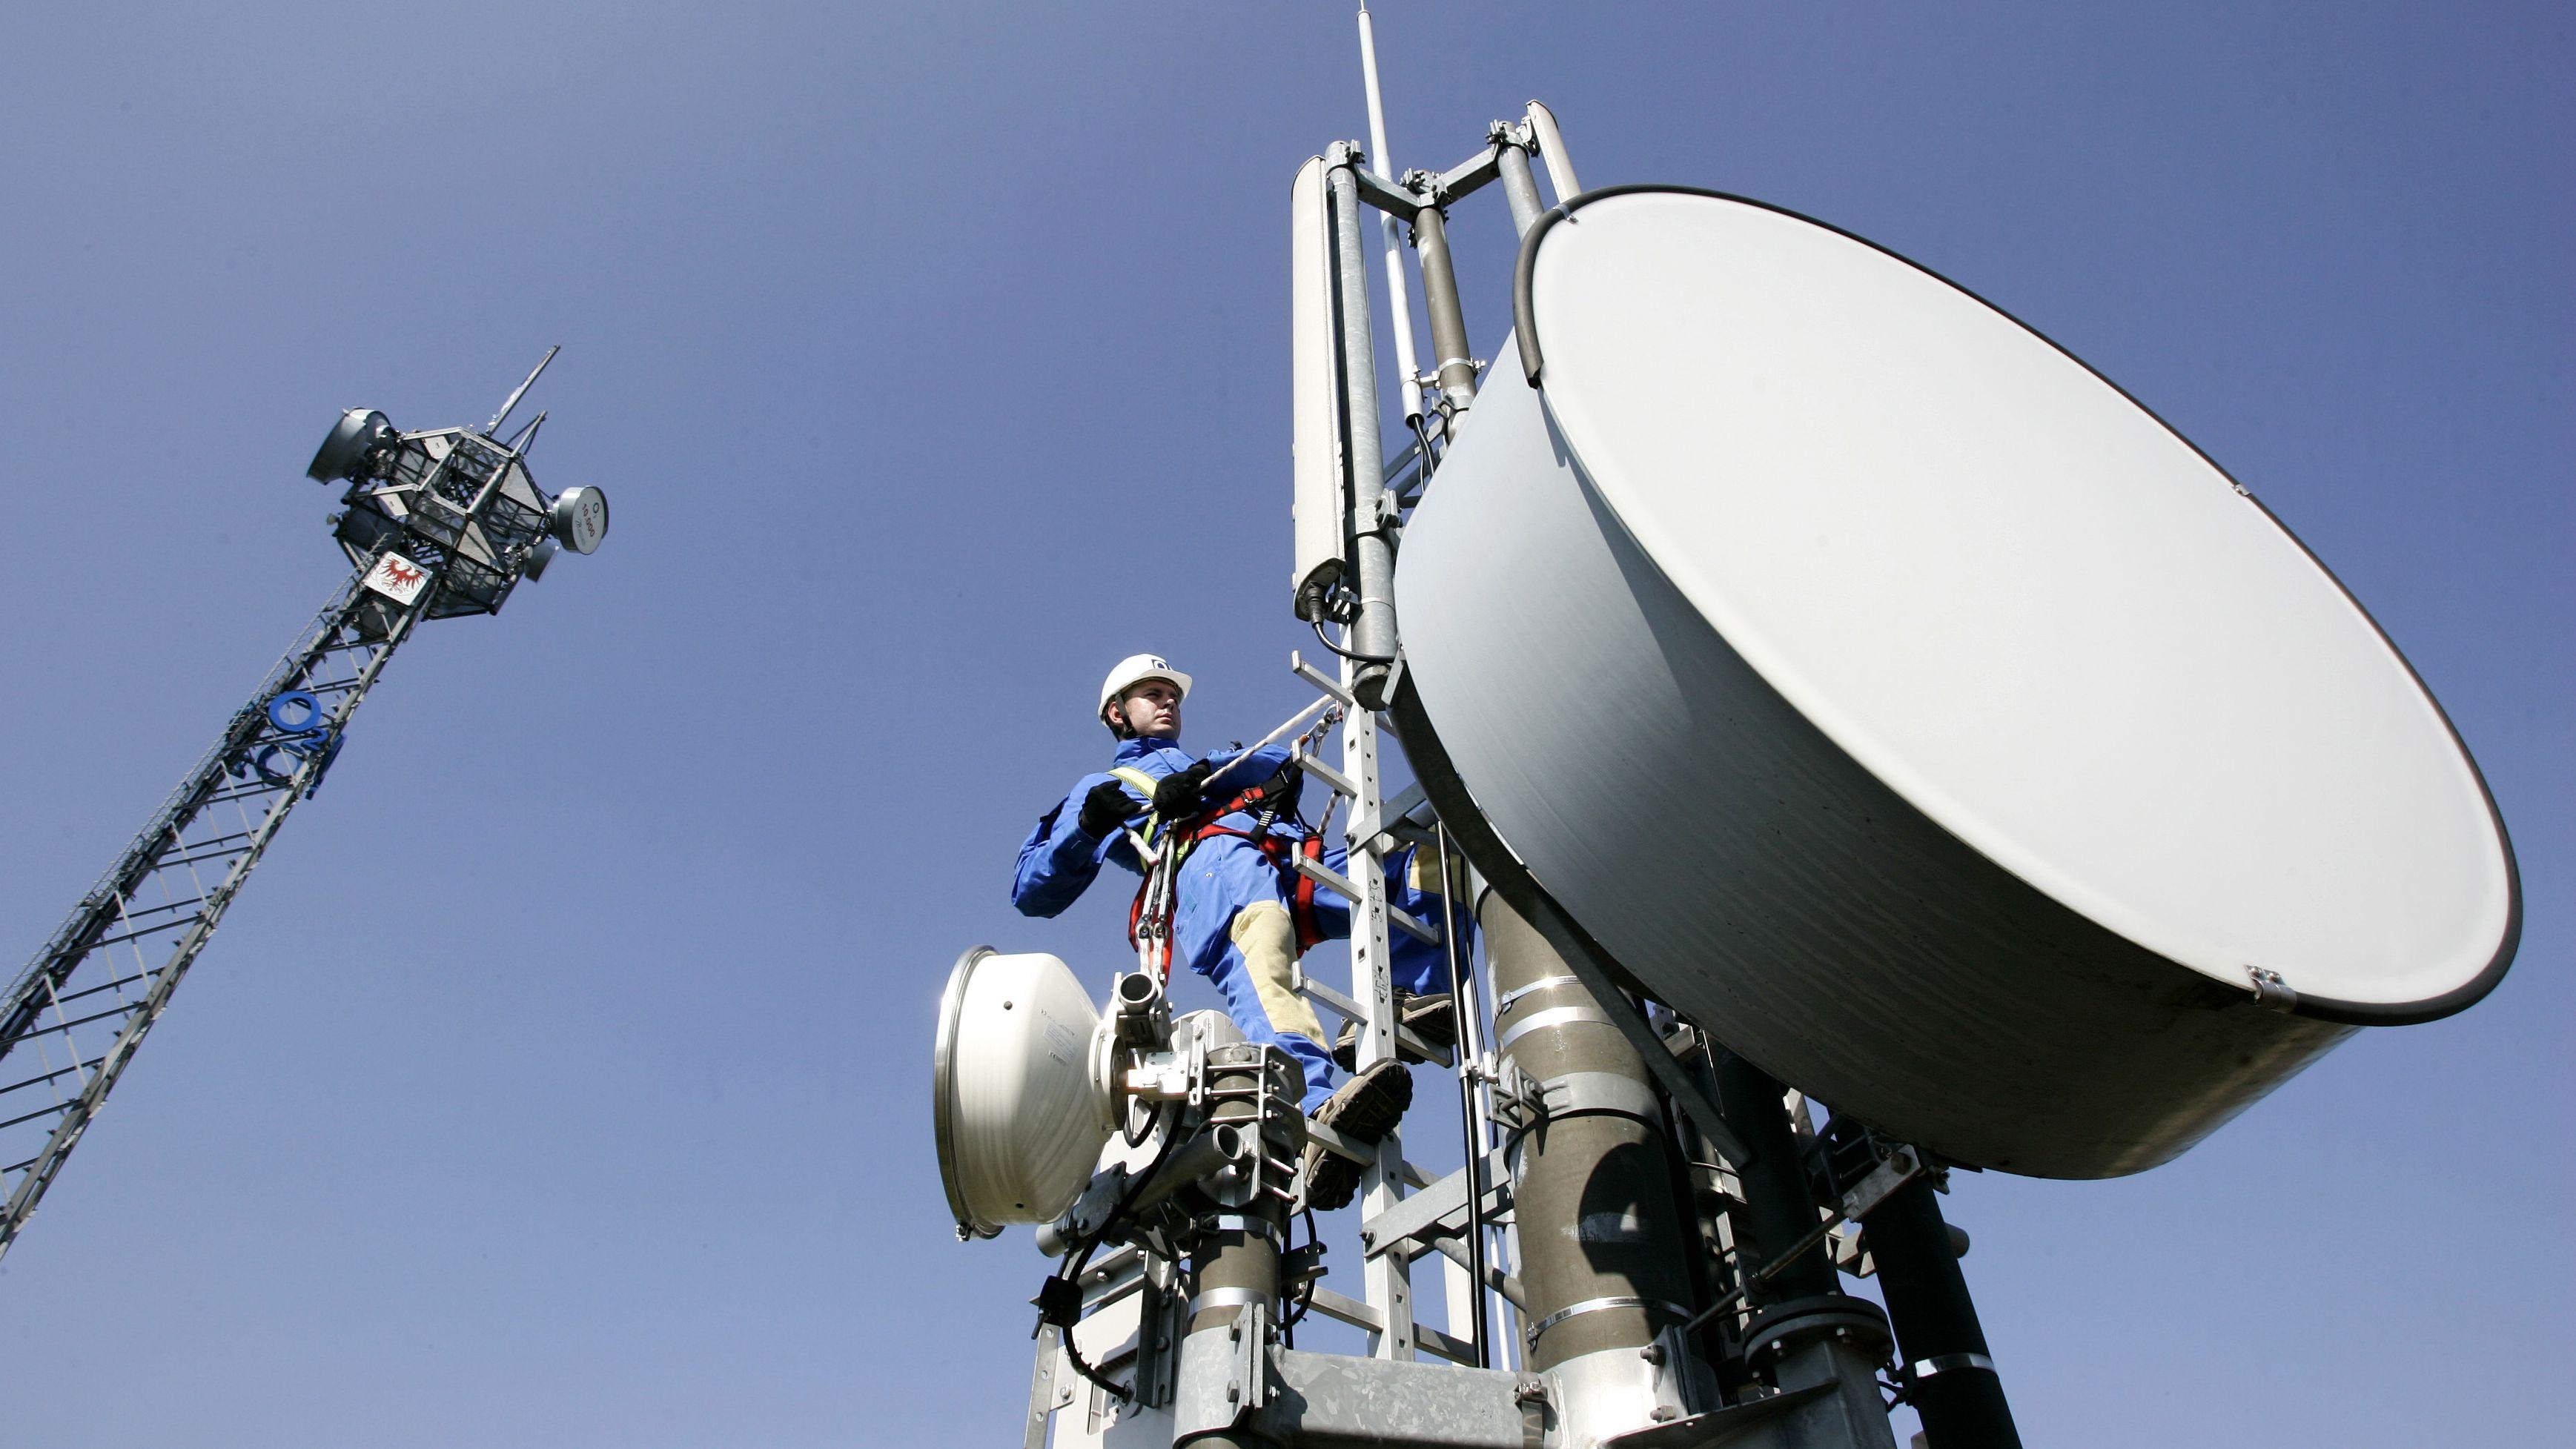 Techniker bei Wartungsarbeiten an Mobilfunkmasten mit Richtantennen für den Empfang von Handy-Funkverkehr